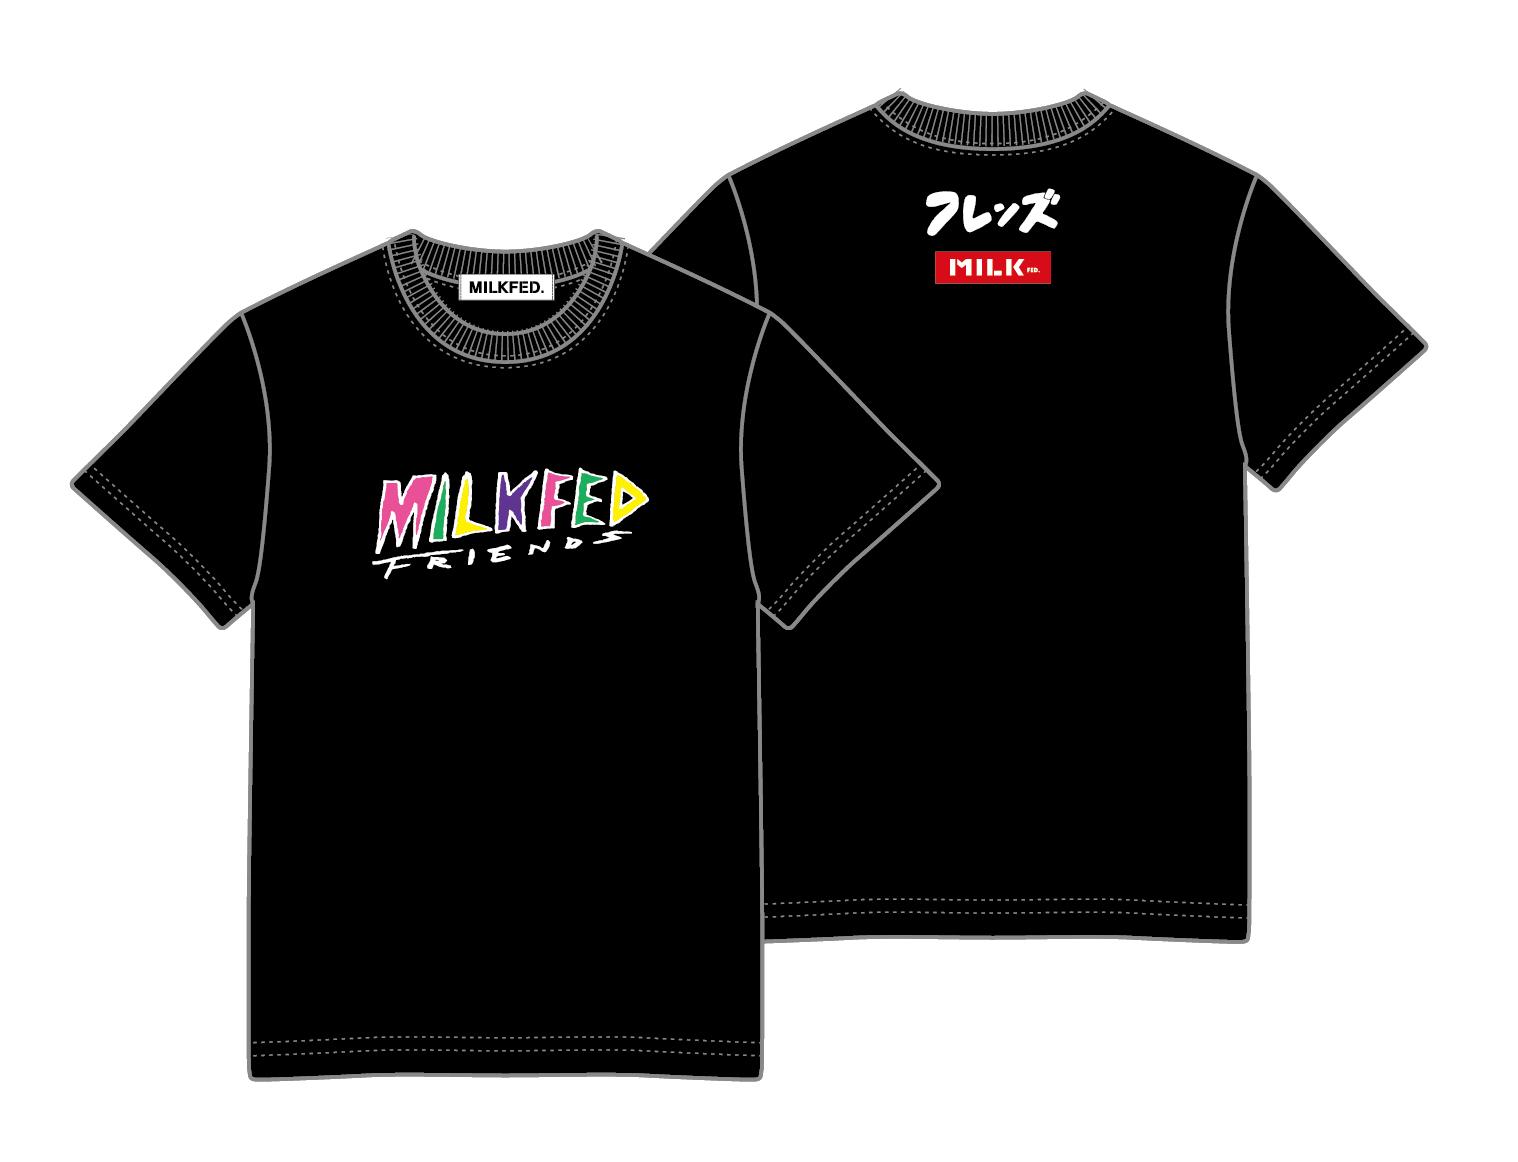 【配送商品】フレンズ × MILKFED. コラボTシャツ BLACK(XL)の画像